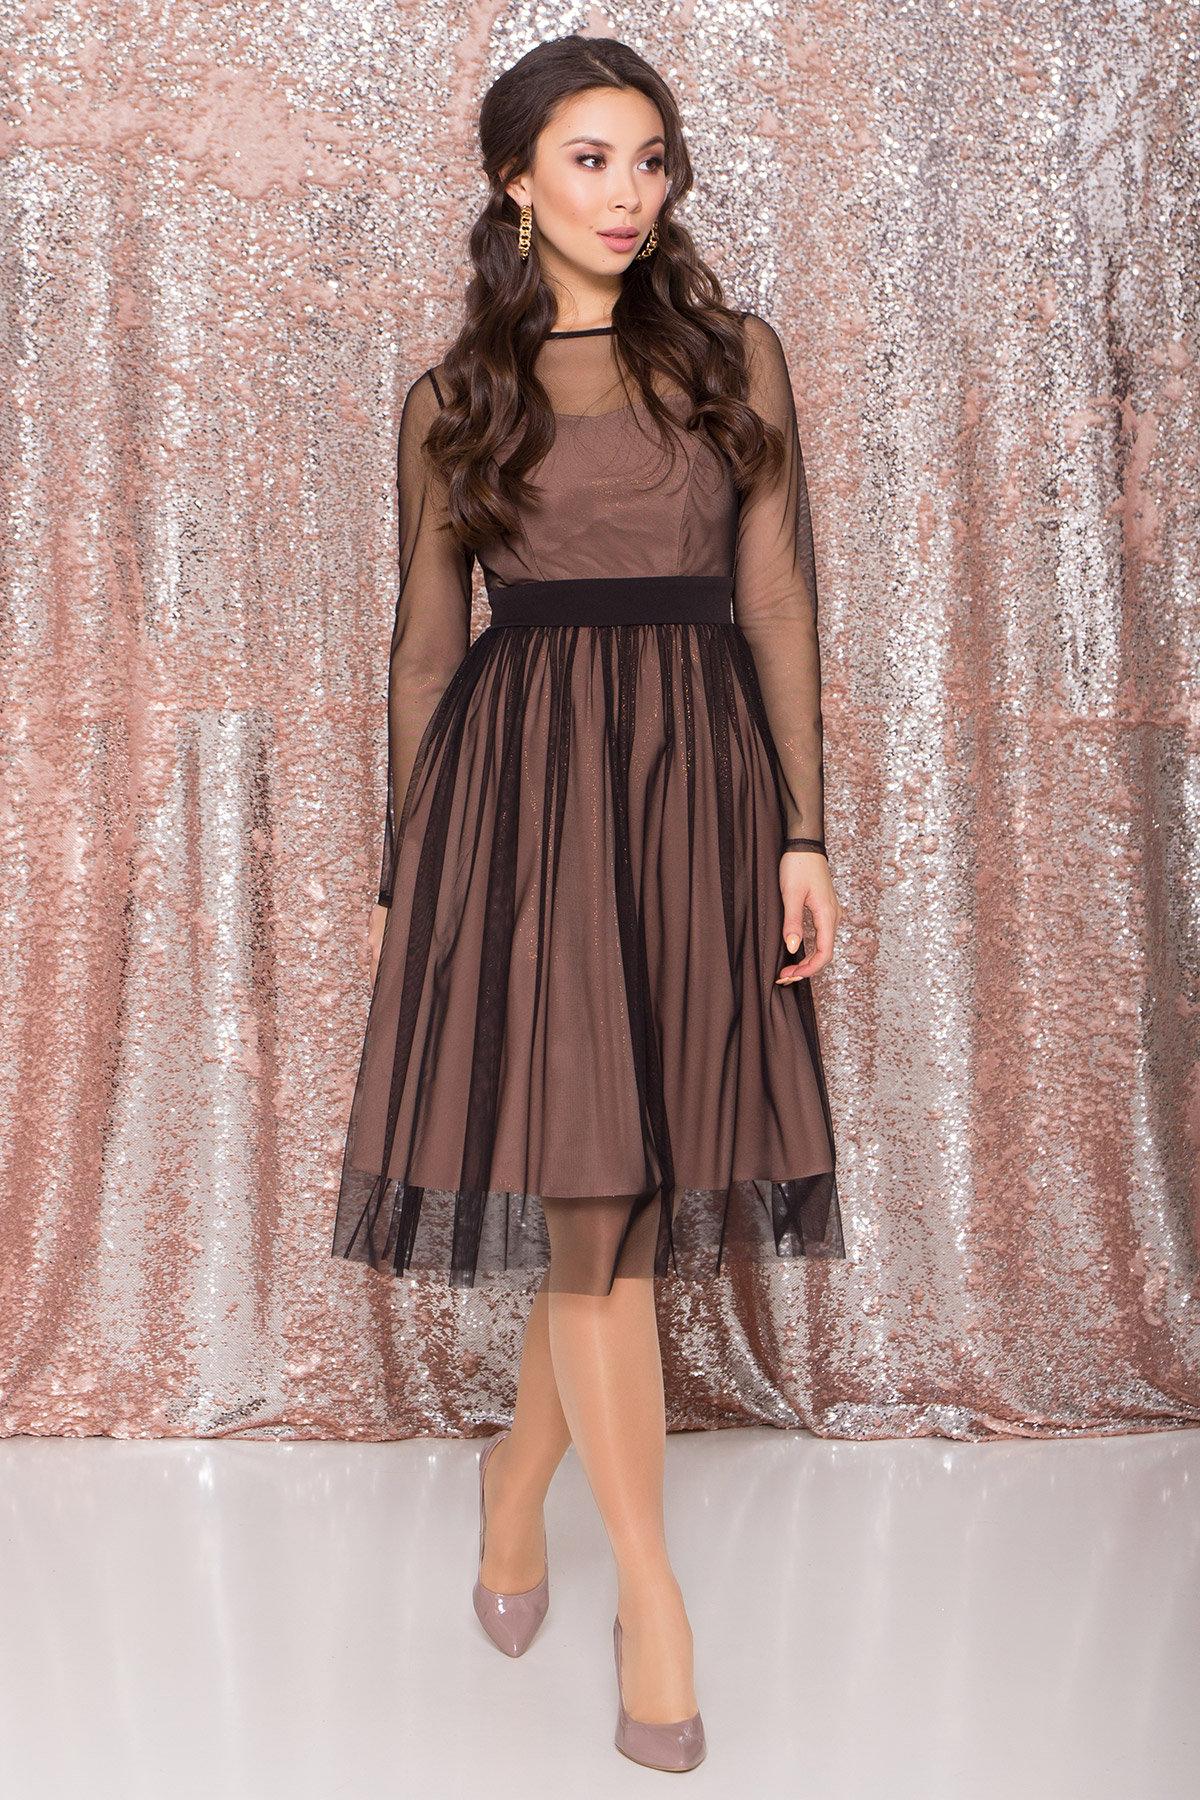 Платье миди длины с юбкой солнце-клеш Роял 8681 АРТ. 45006 Цвет: Черный/золото - фото 3, интернет магазин tm-modus.ru